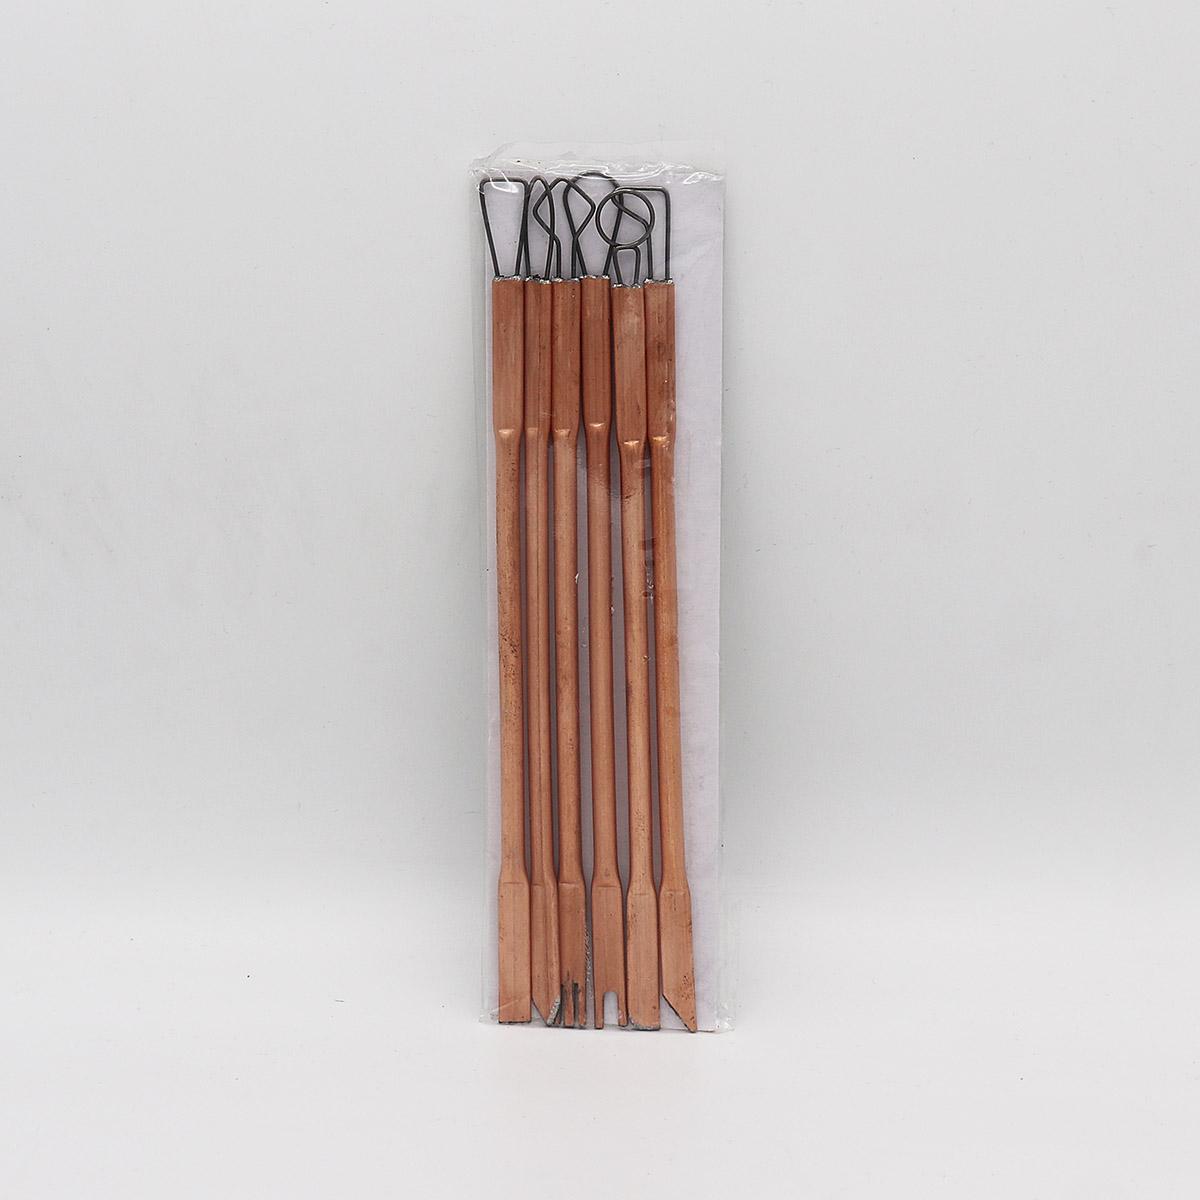 ست ابزار گل کني 6 عددي فلزي